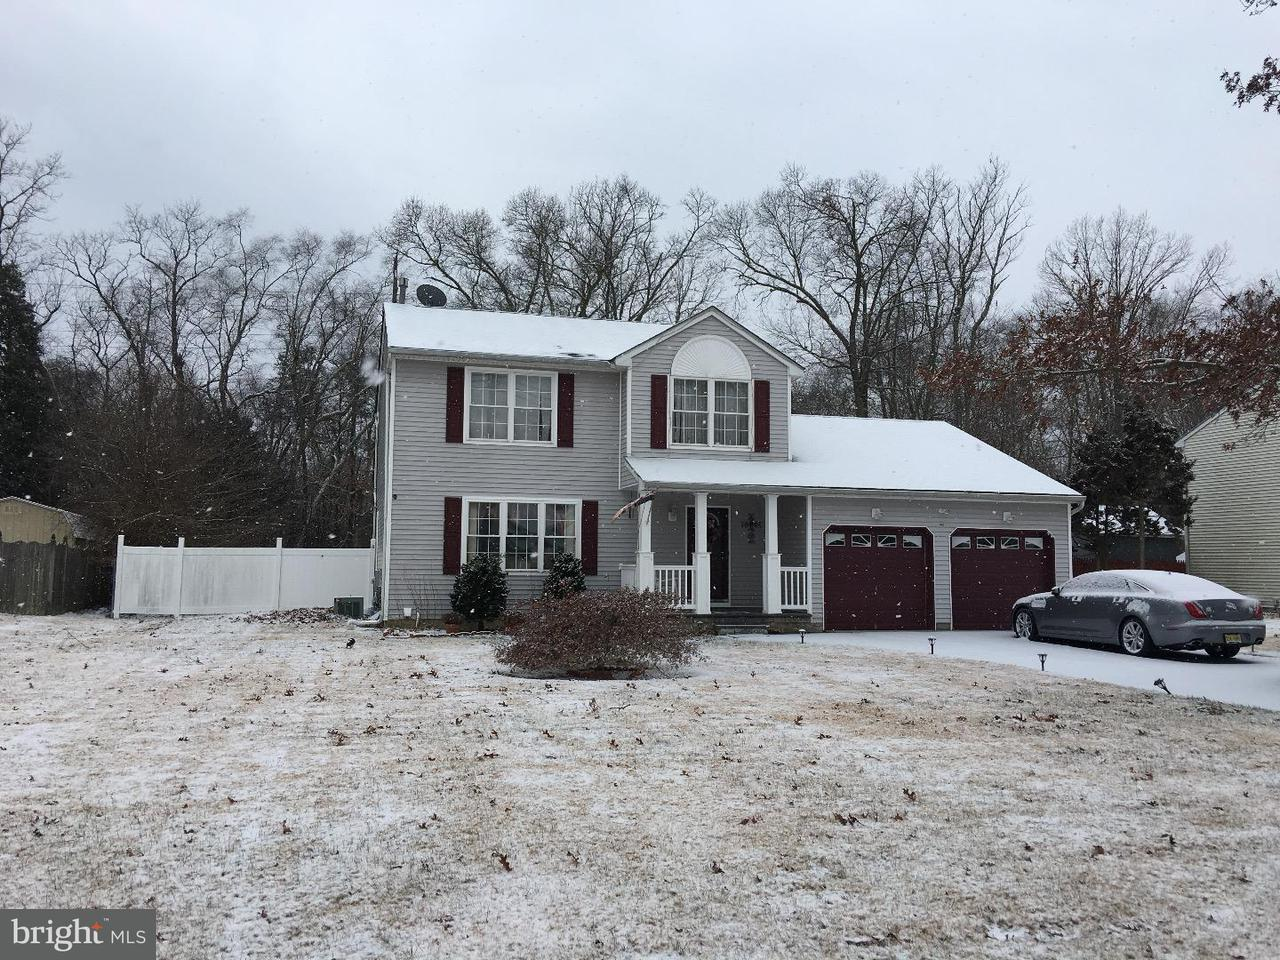 Частный односемейный дом для того Аренда на 465 CEDARWOOD Drive Vineland, Нью-Джерси 08360 Соединенные Штаты